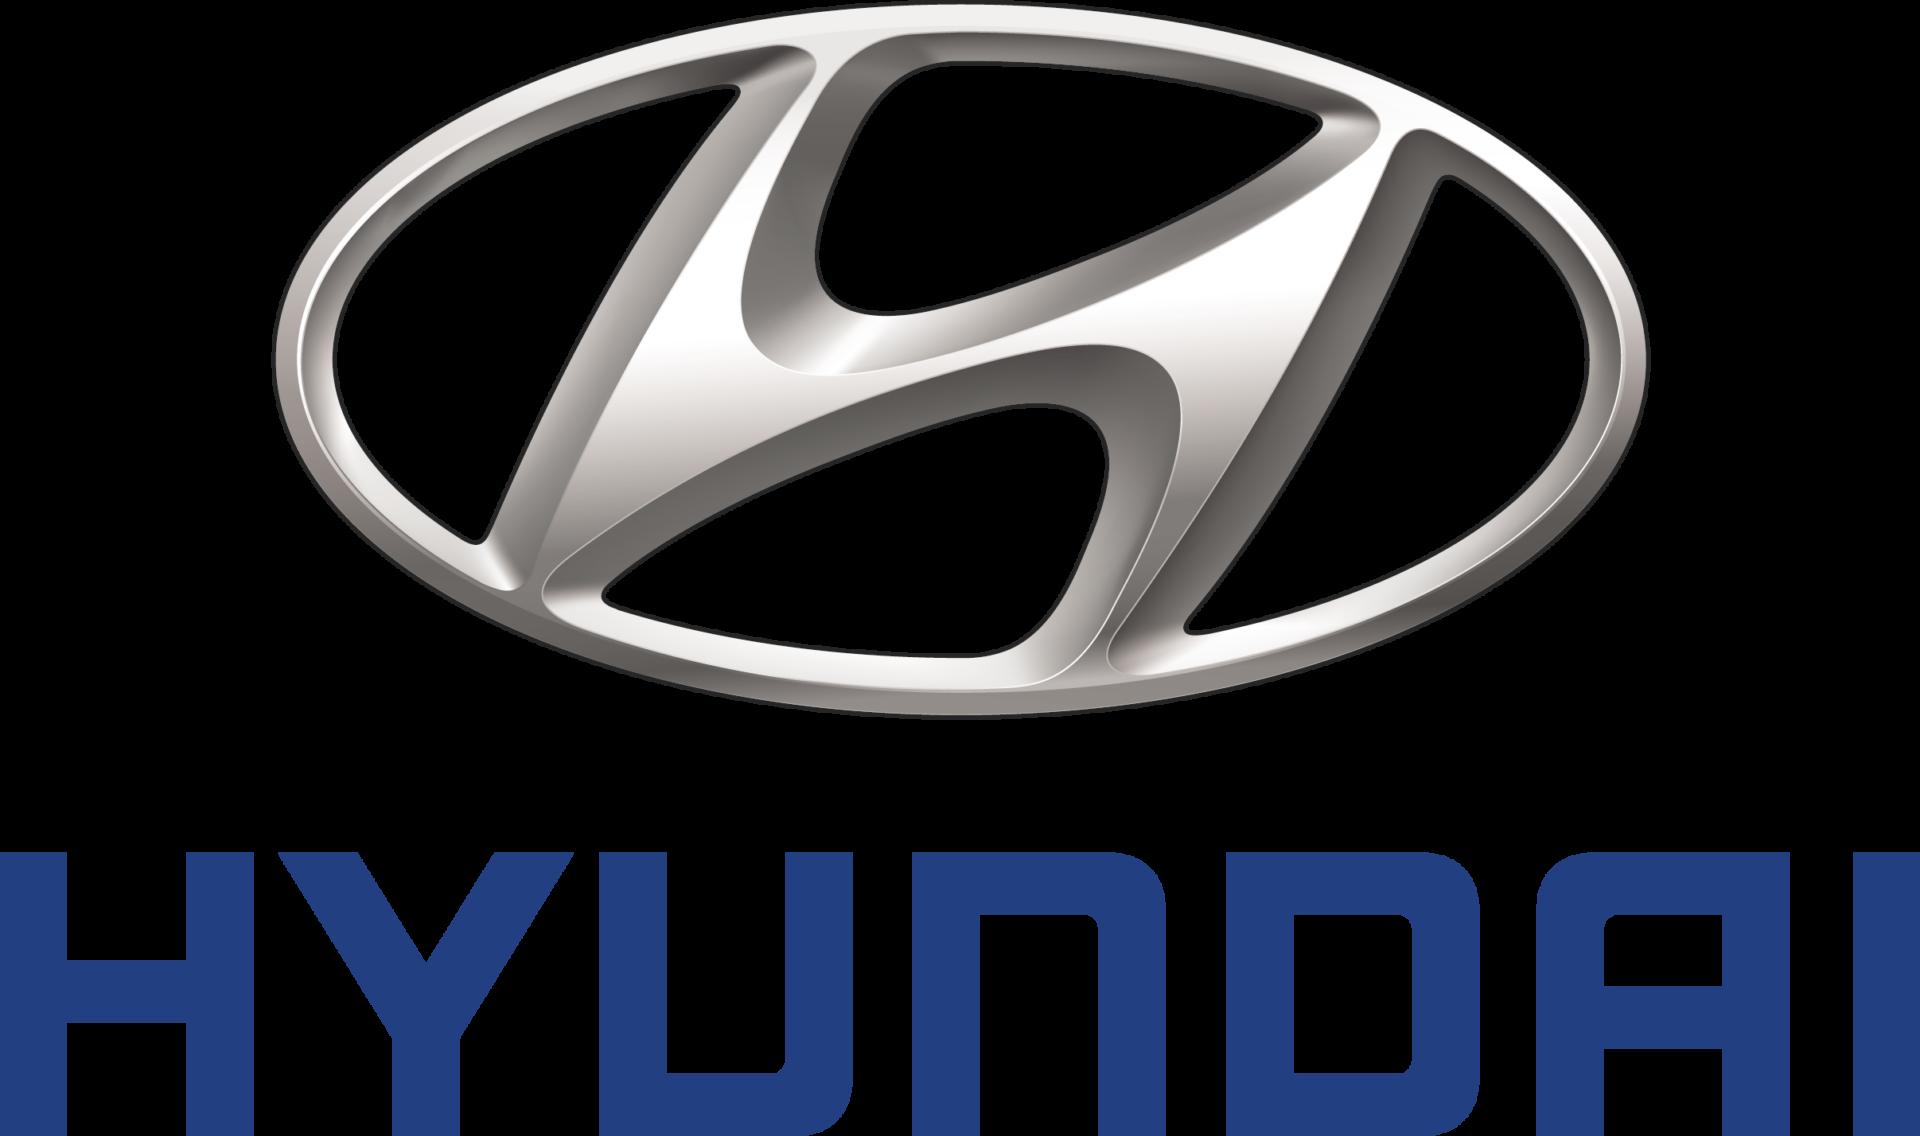 Basi sedile Hyundai